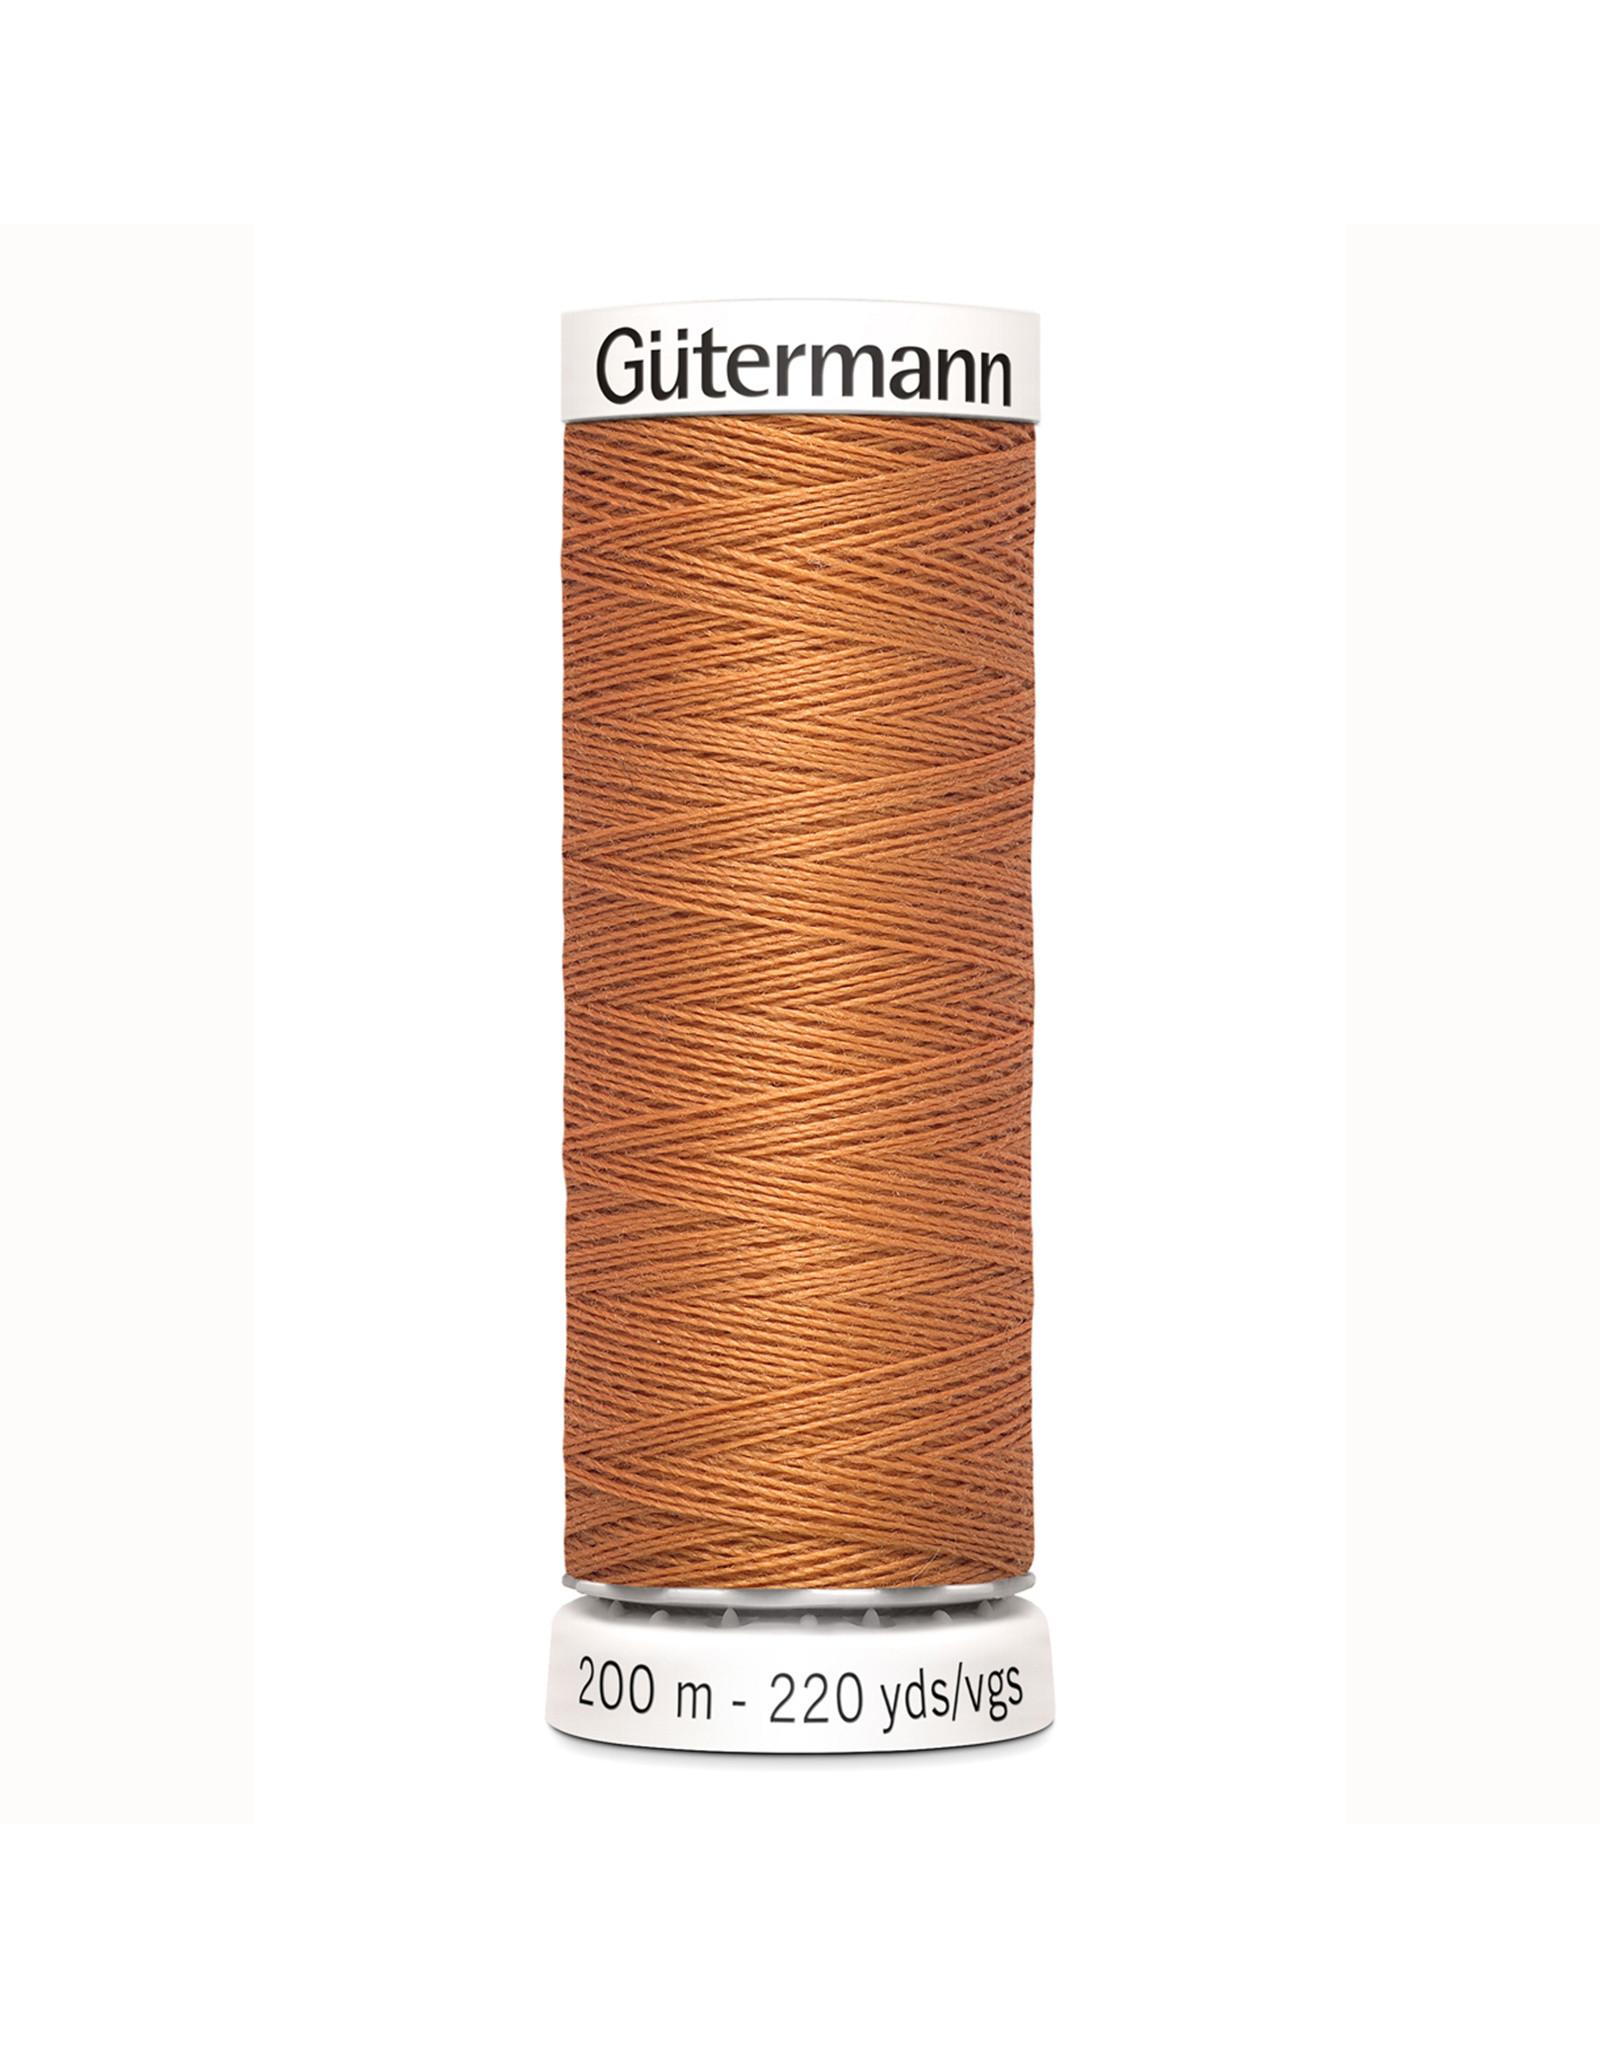 Gütermann Gütermann Nähgarn 200 m - nr 612